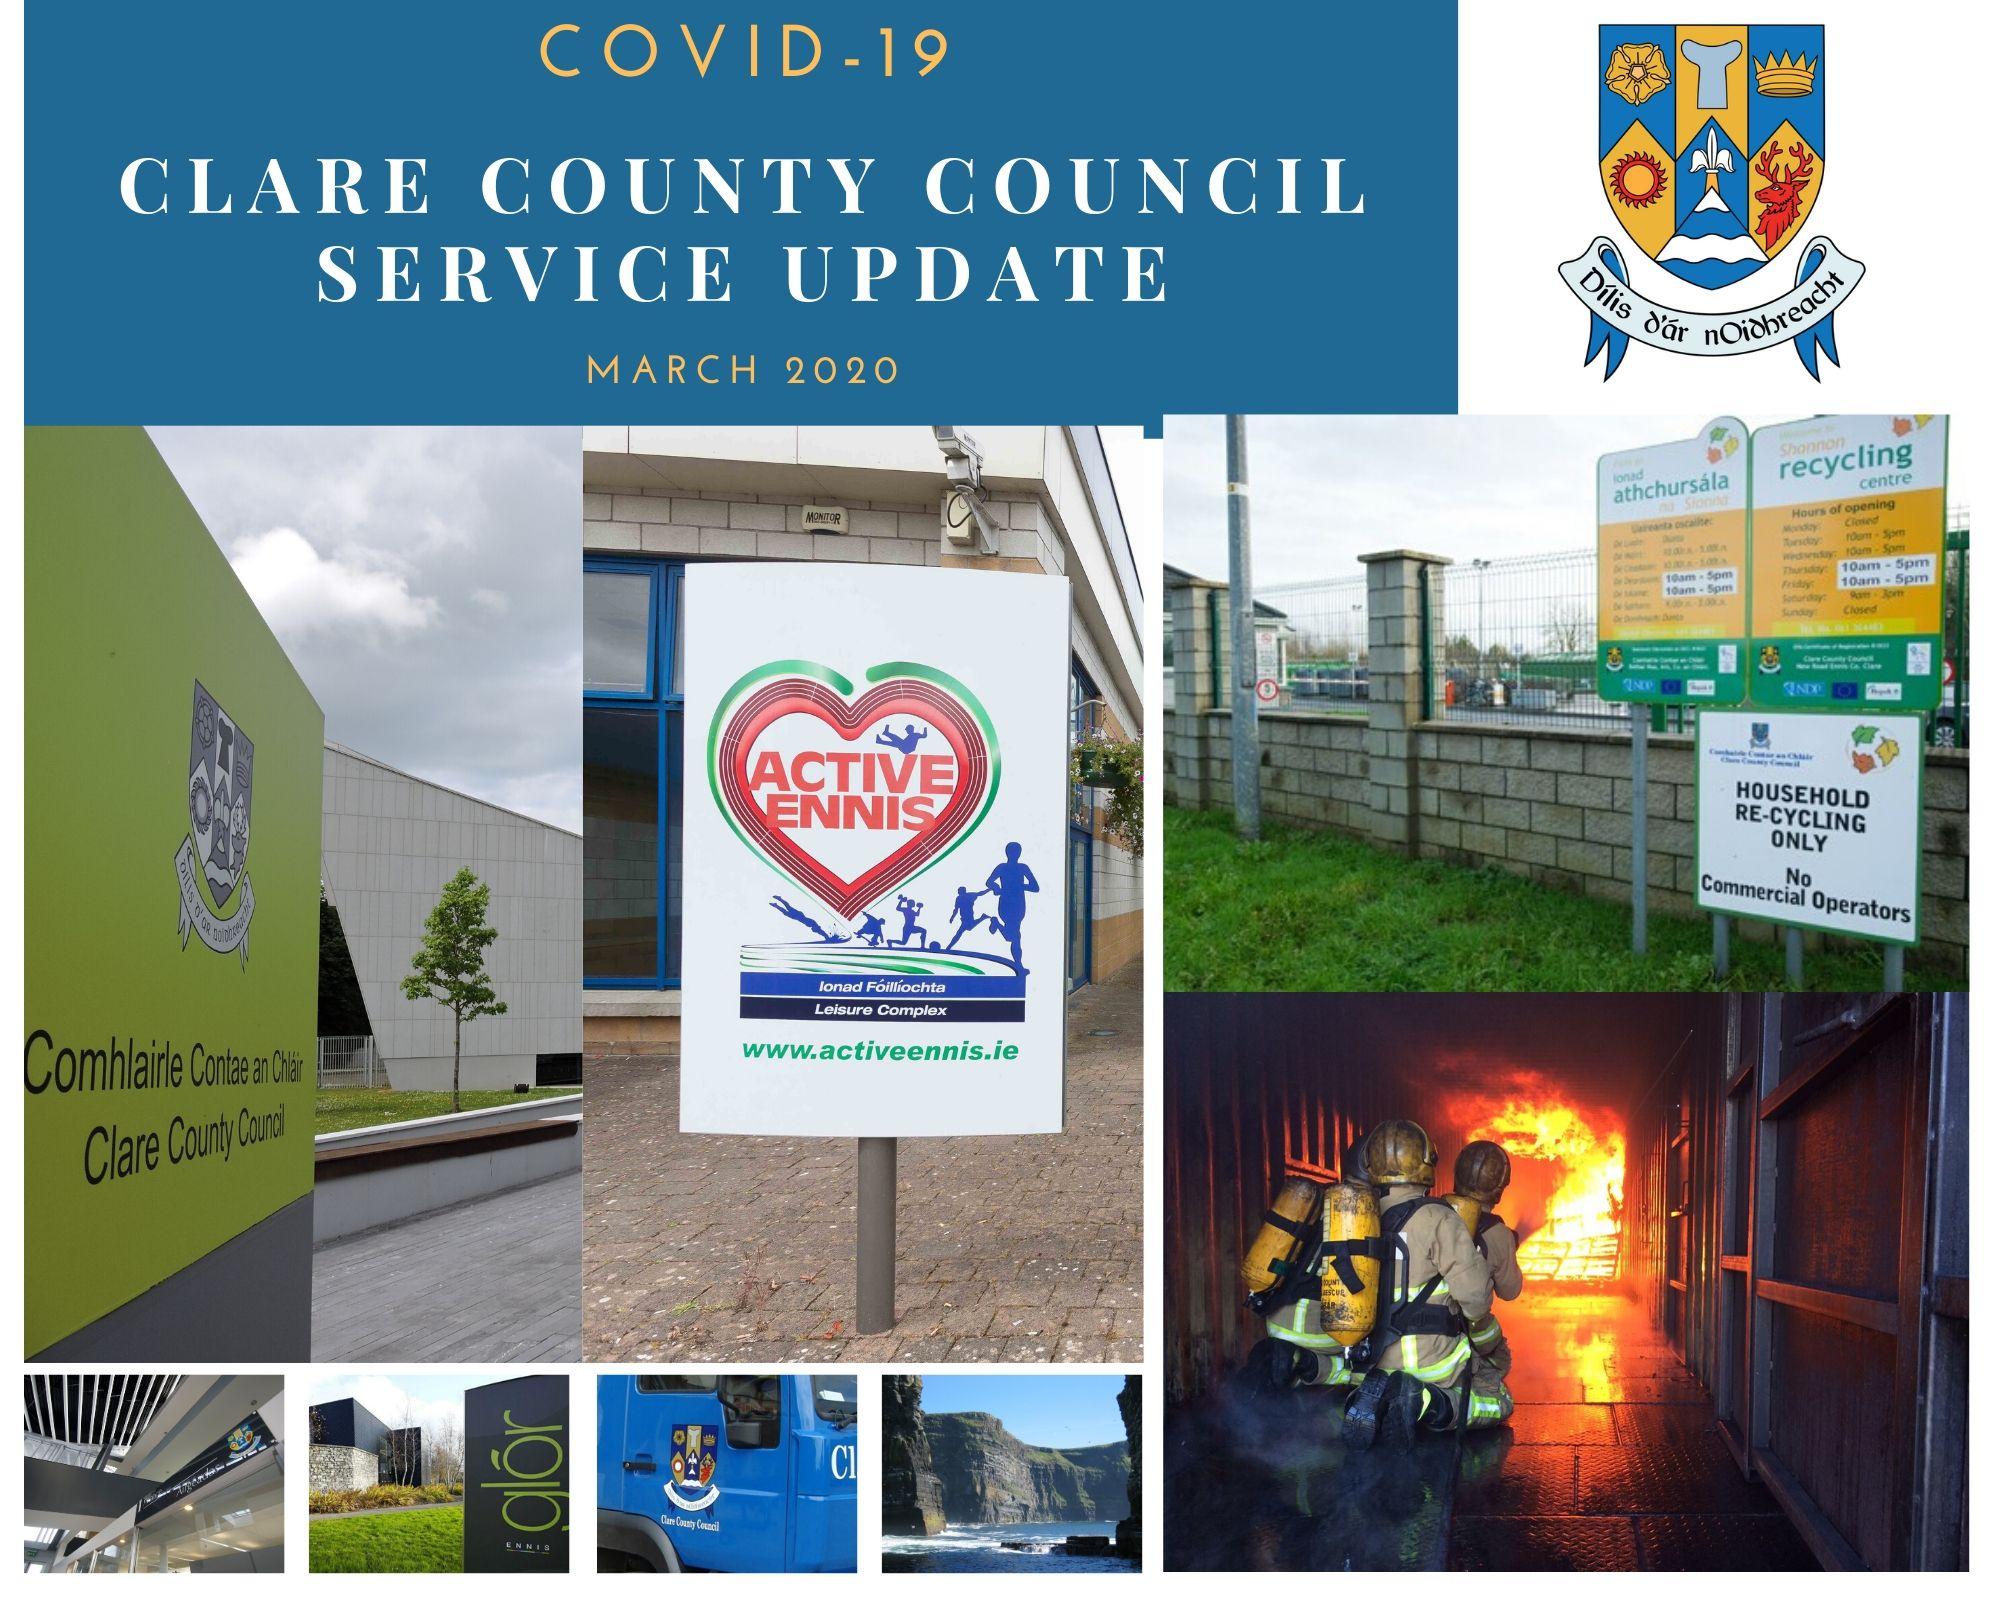 Council services